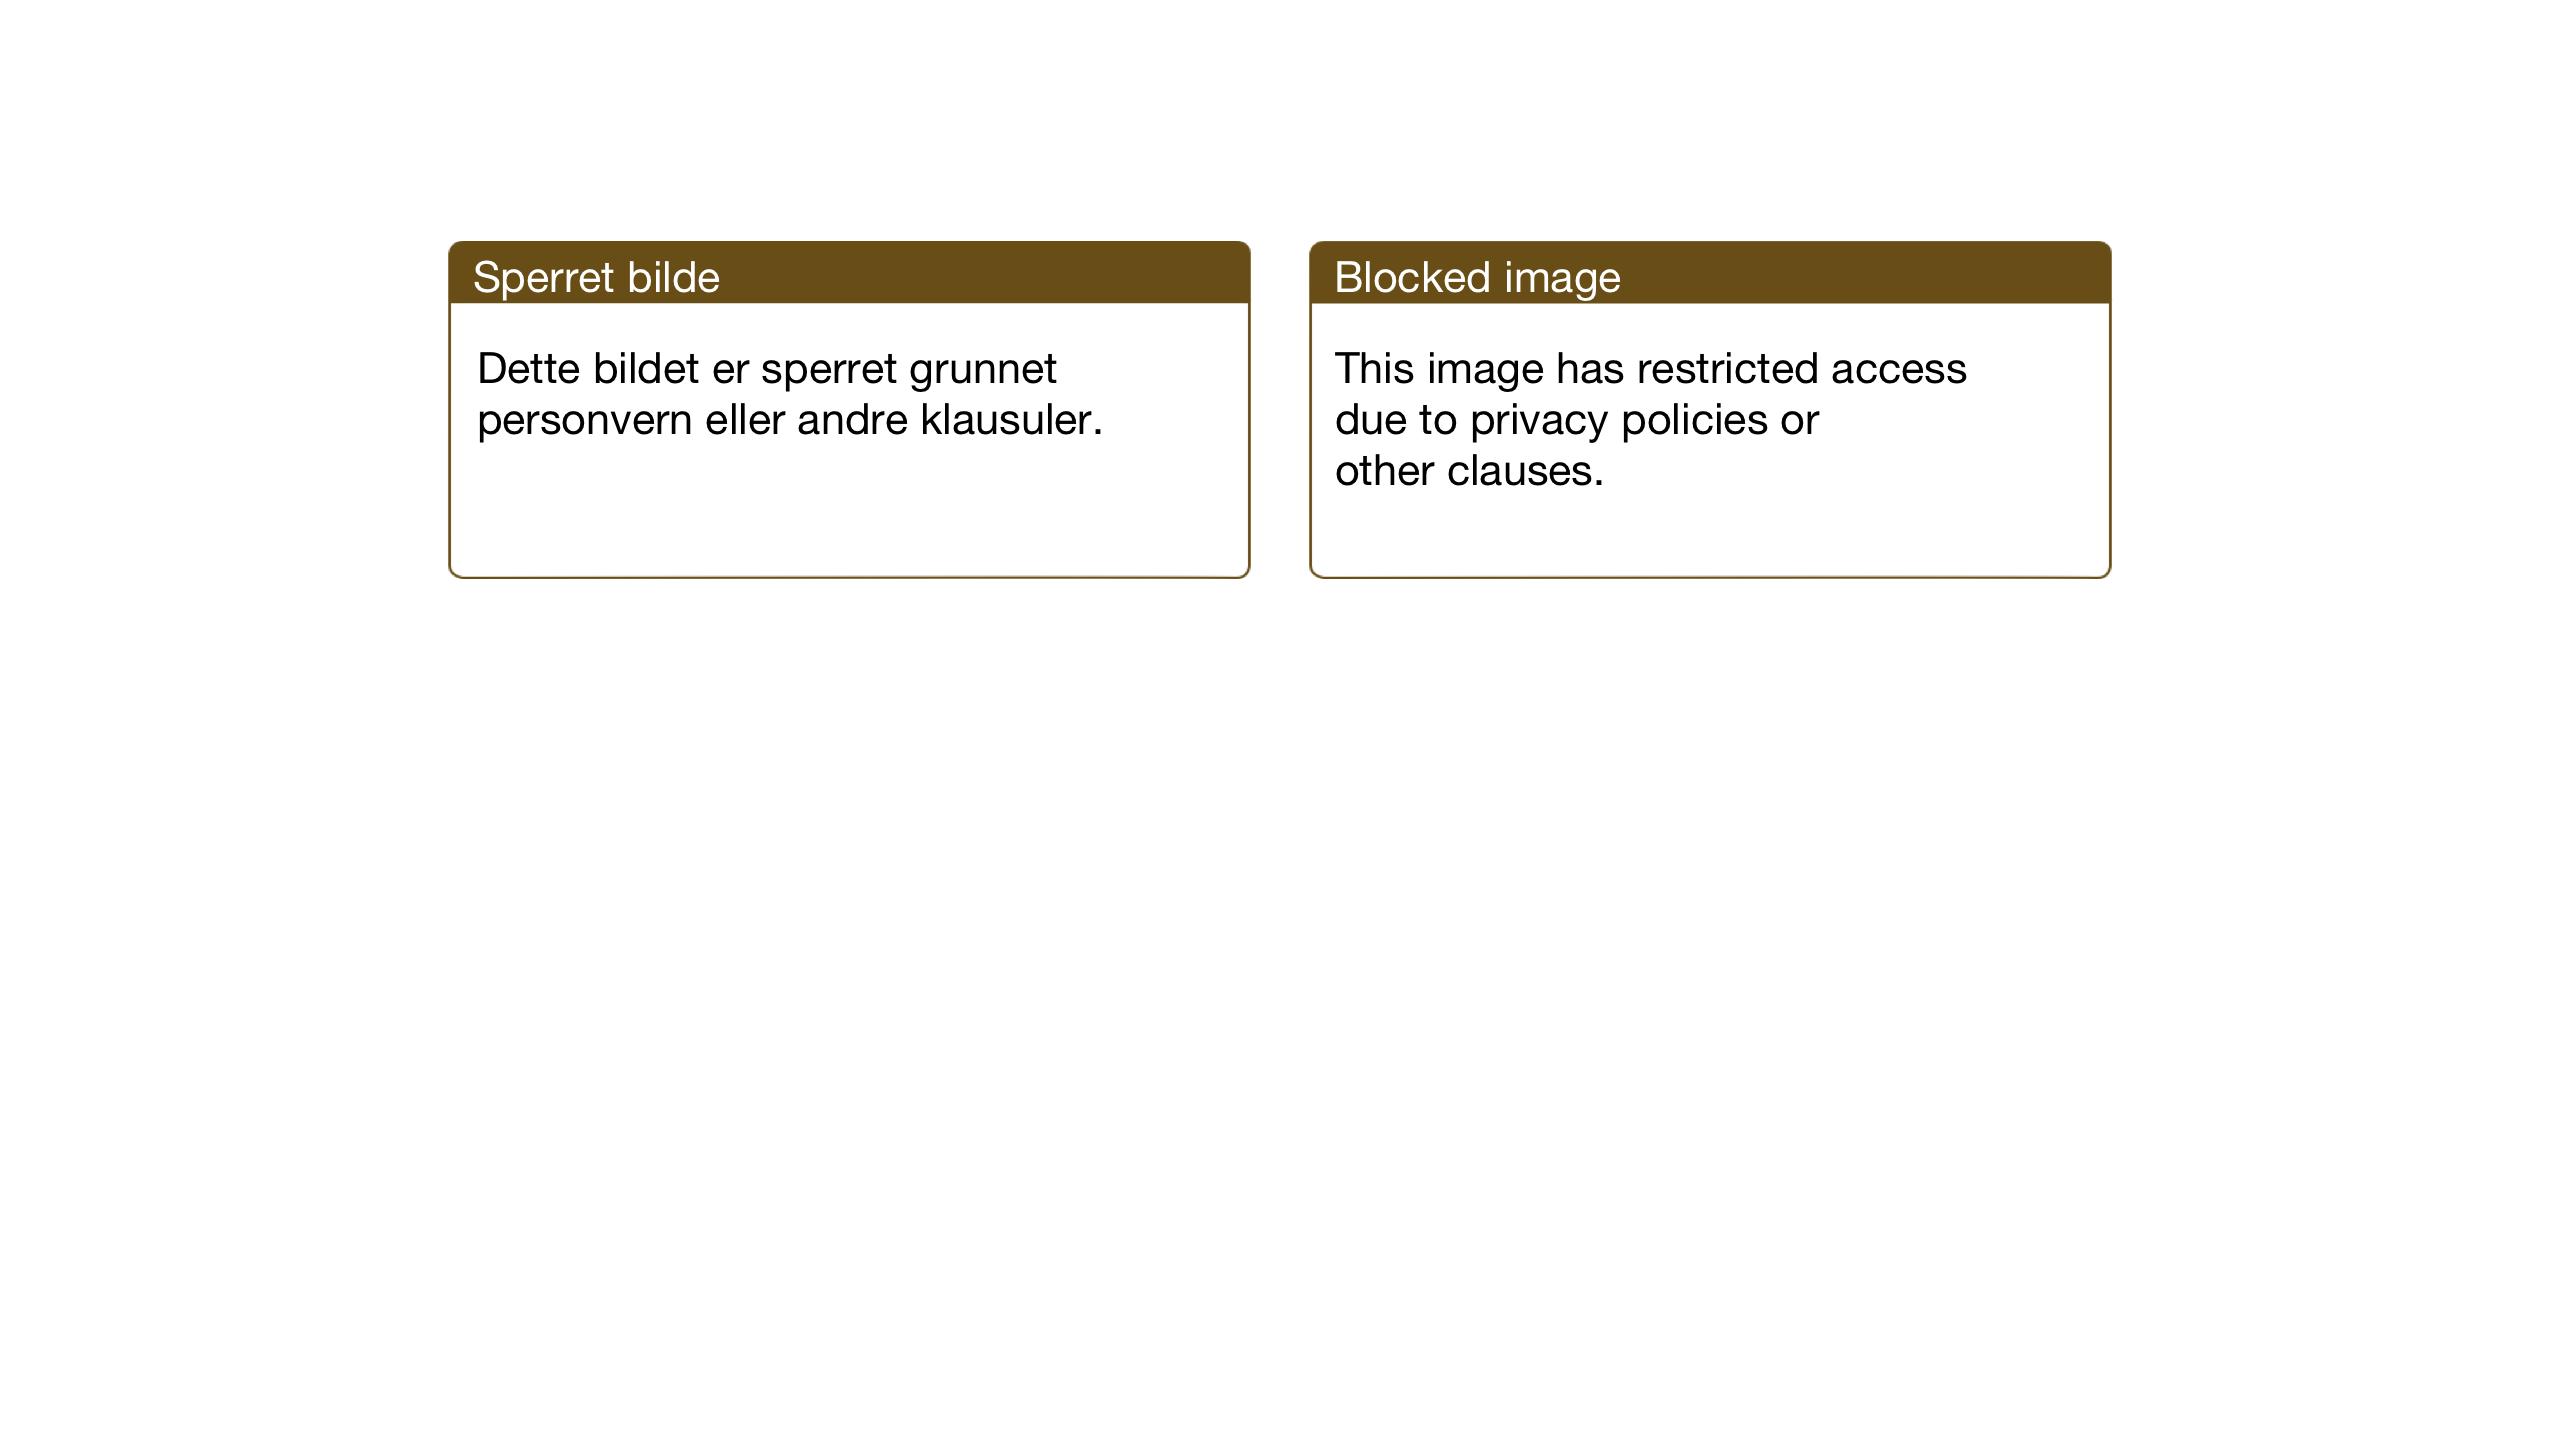 SAT, Ministerialprotokoller, klokkerbøker og fødselsregistre - Nord-Trøndelag, 714/L0136: Klokkerbok nr. 714C05, 1918-1957, s. 61